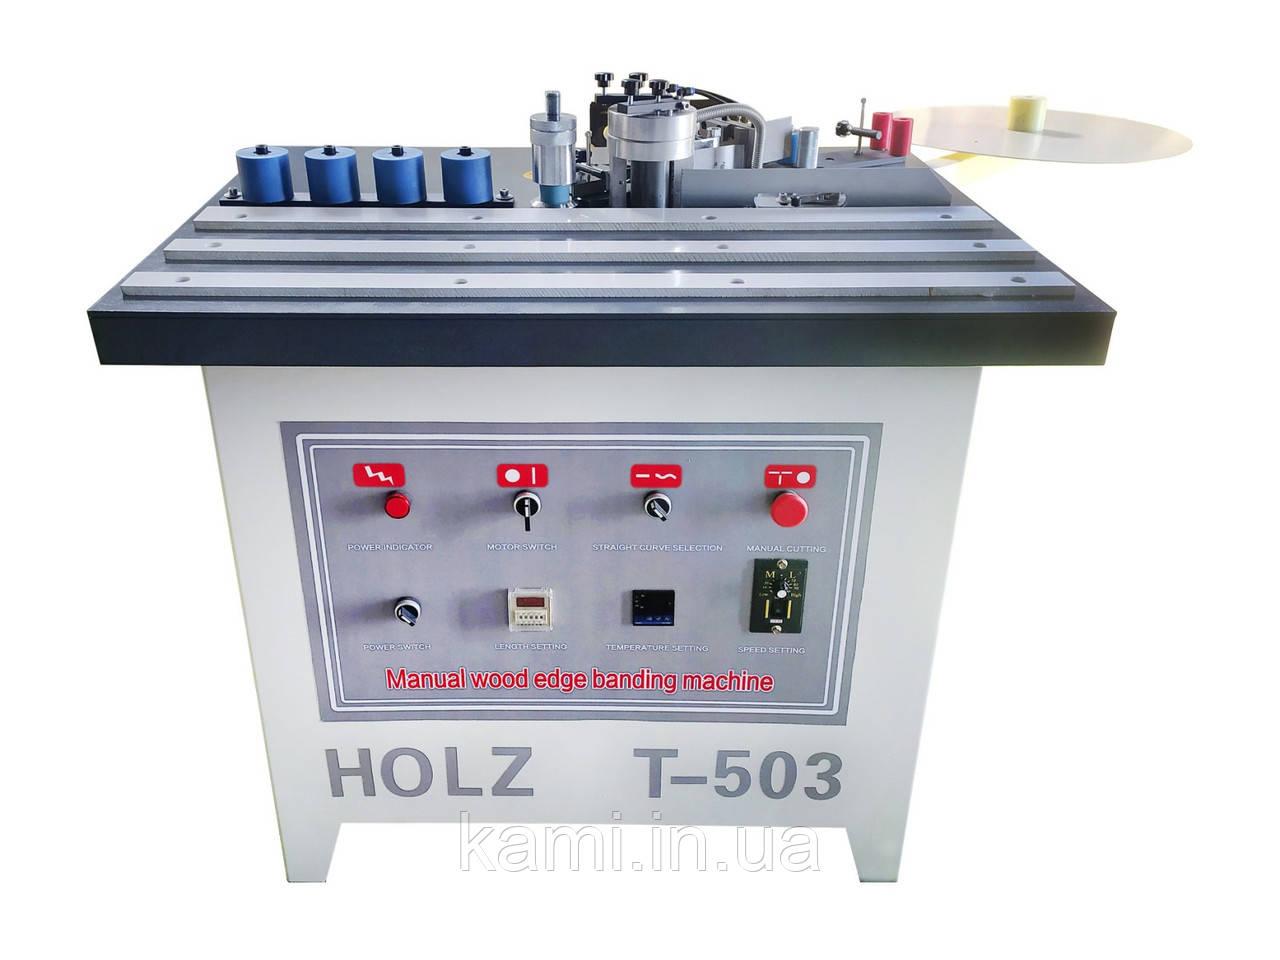 HOLZ T-503 Кромкооблицовочный станок с отсечкой кромки, криволинейный прямолинейны, 2 вала, 220 В